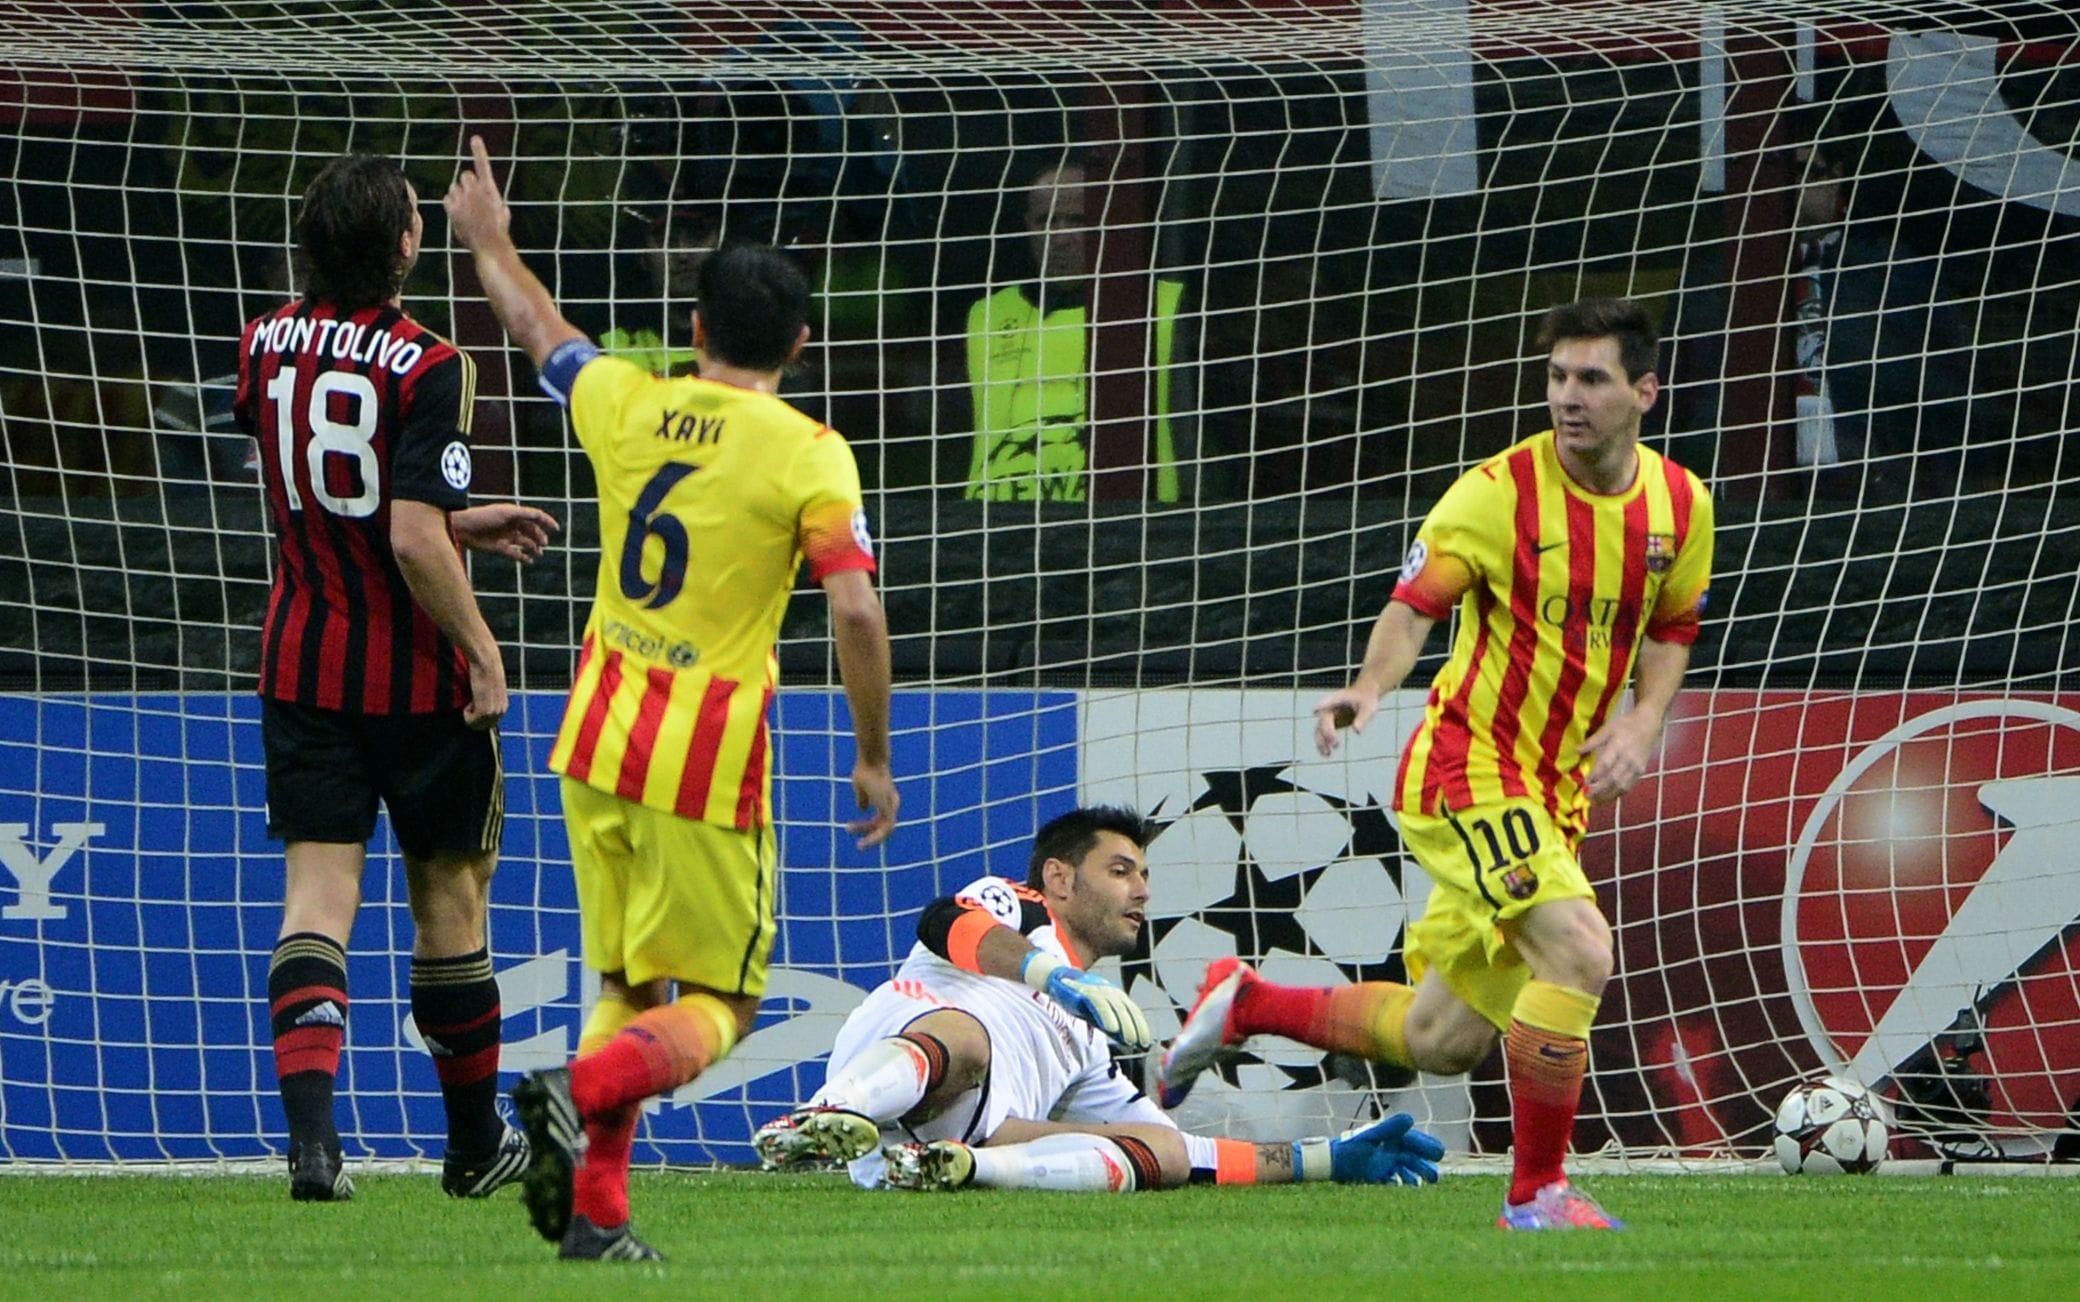 Il gol di Messi contro il Milan nel giorno della convocazione di Andrenacci